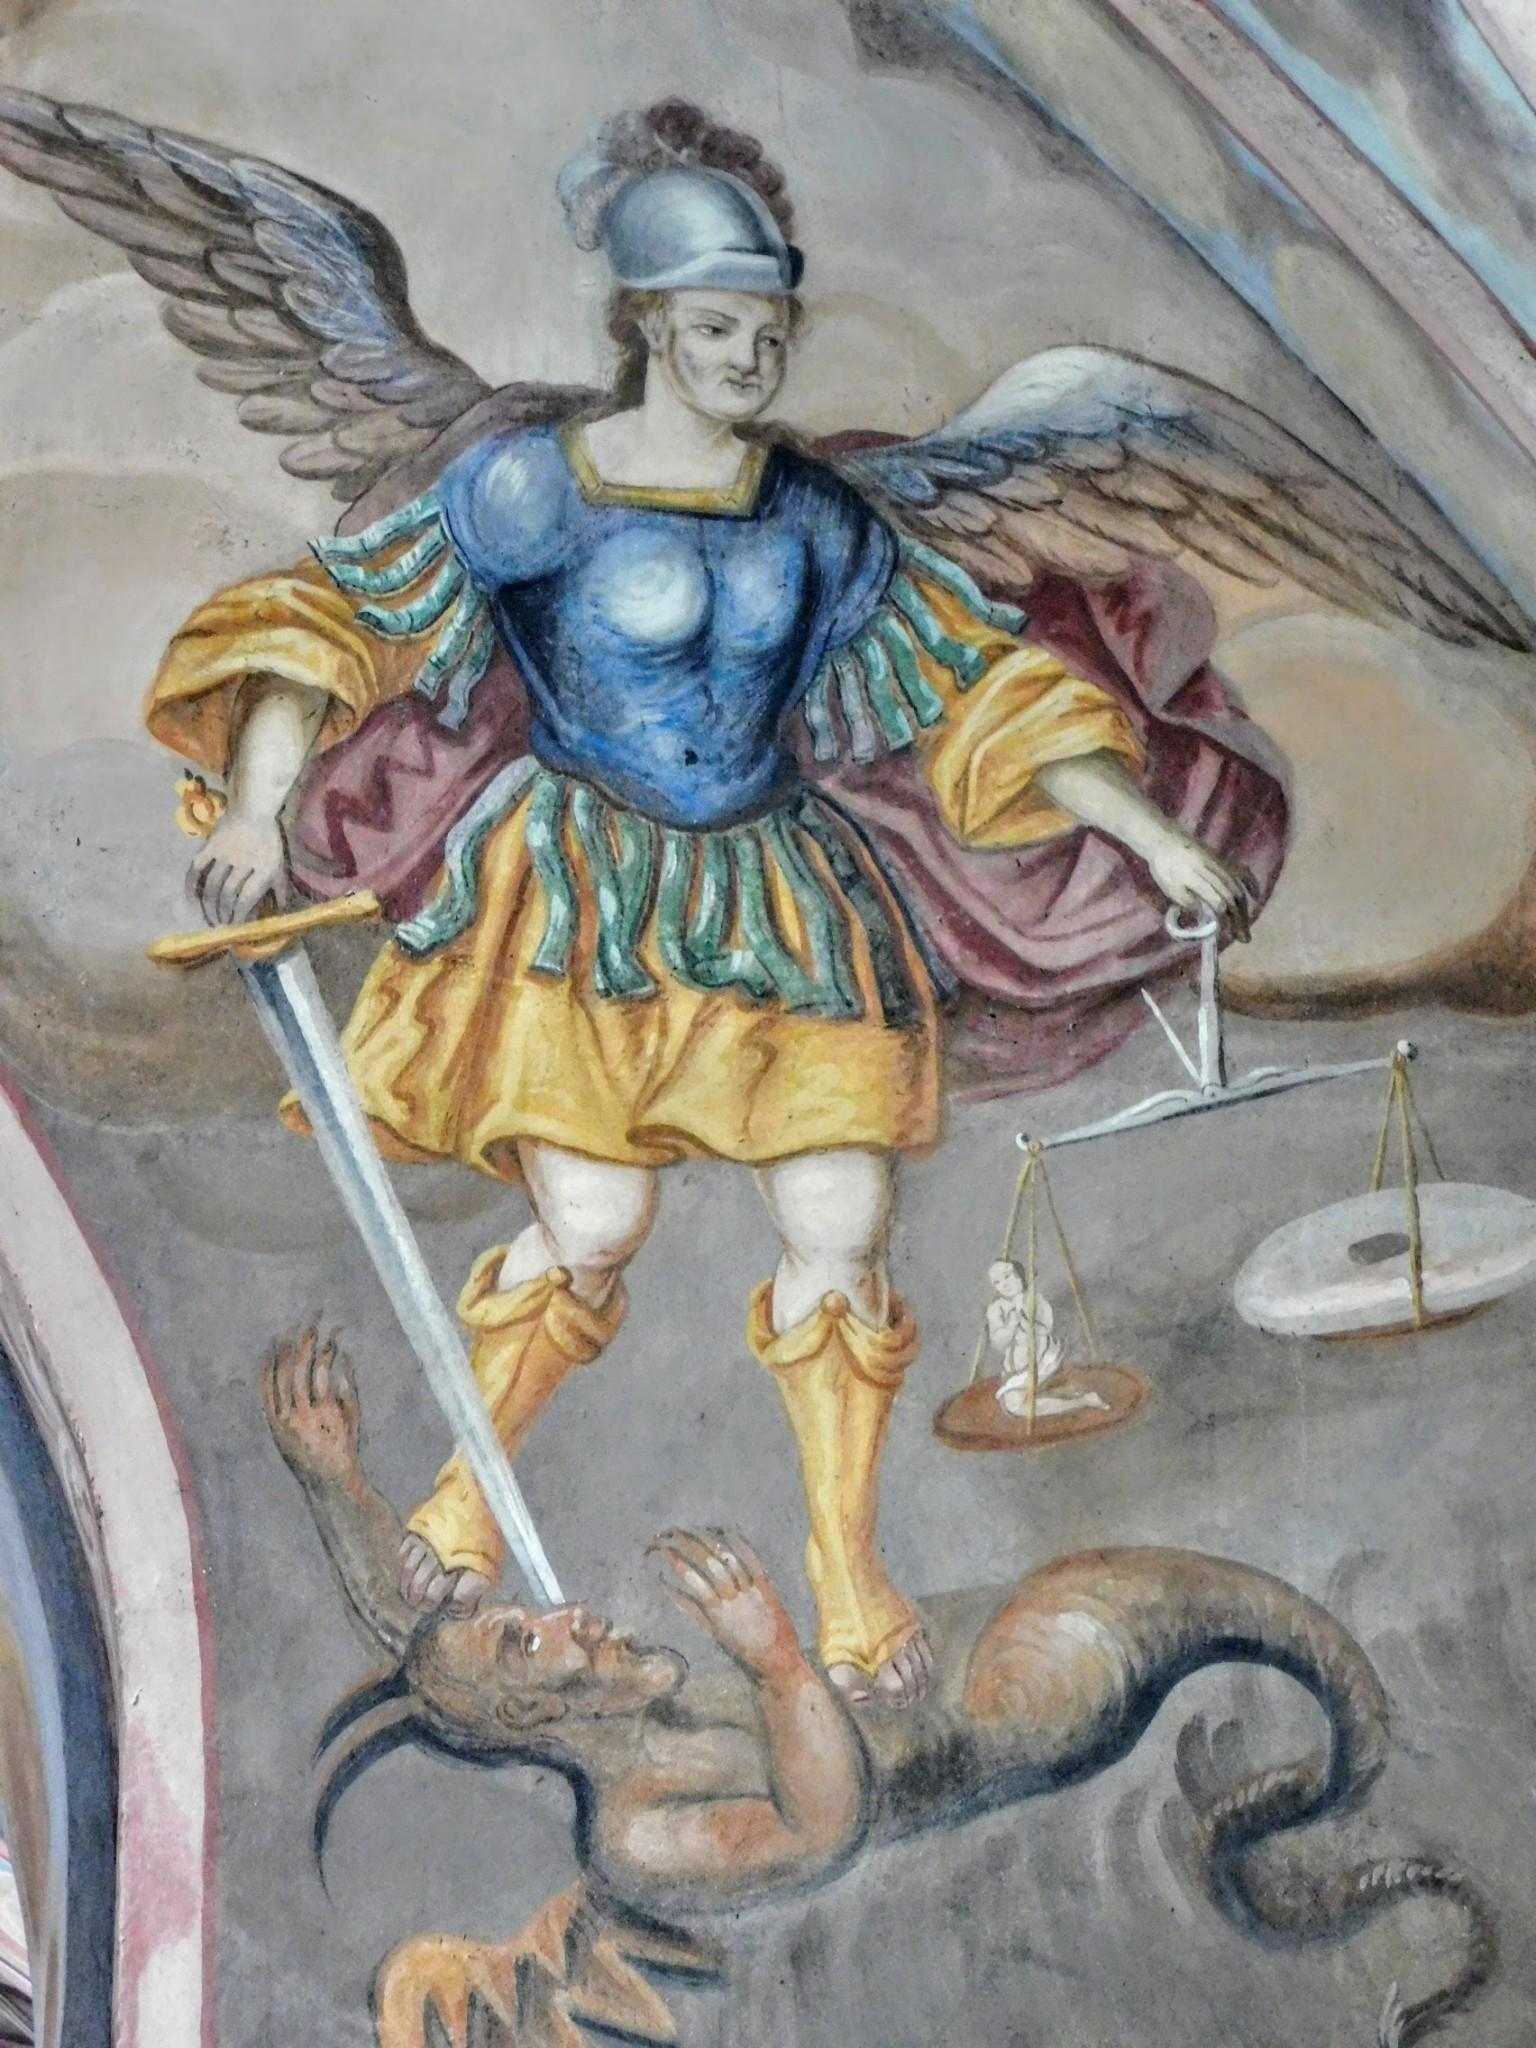 św. Michał Arczowym po konserwacjichanioł  - fresk na łuku tę